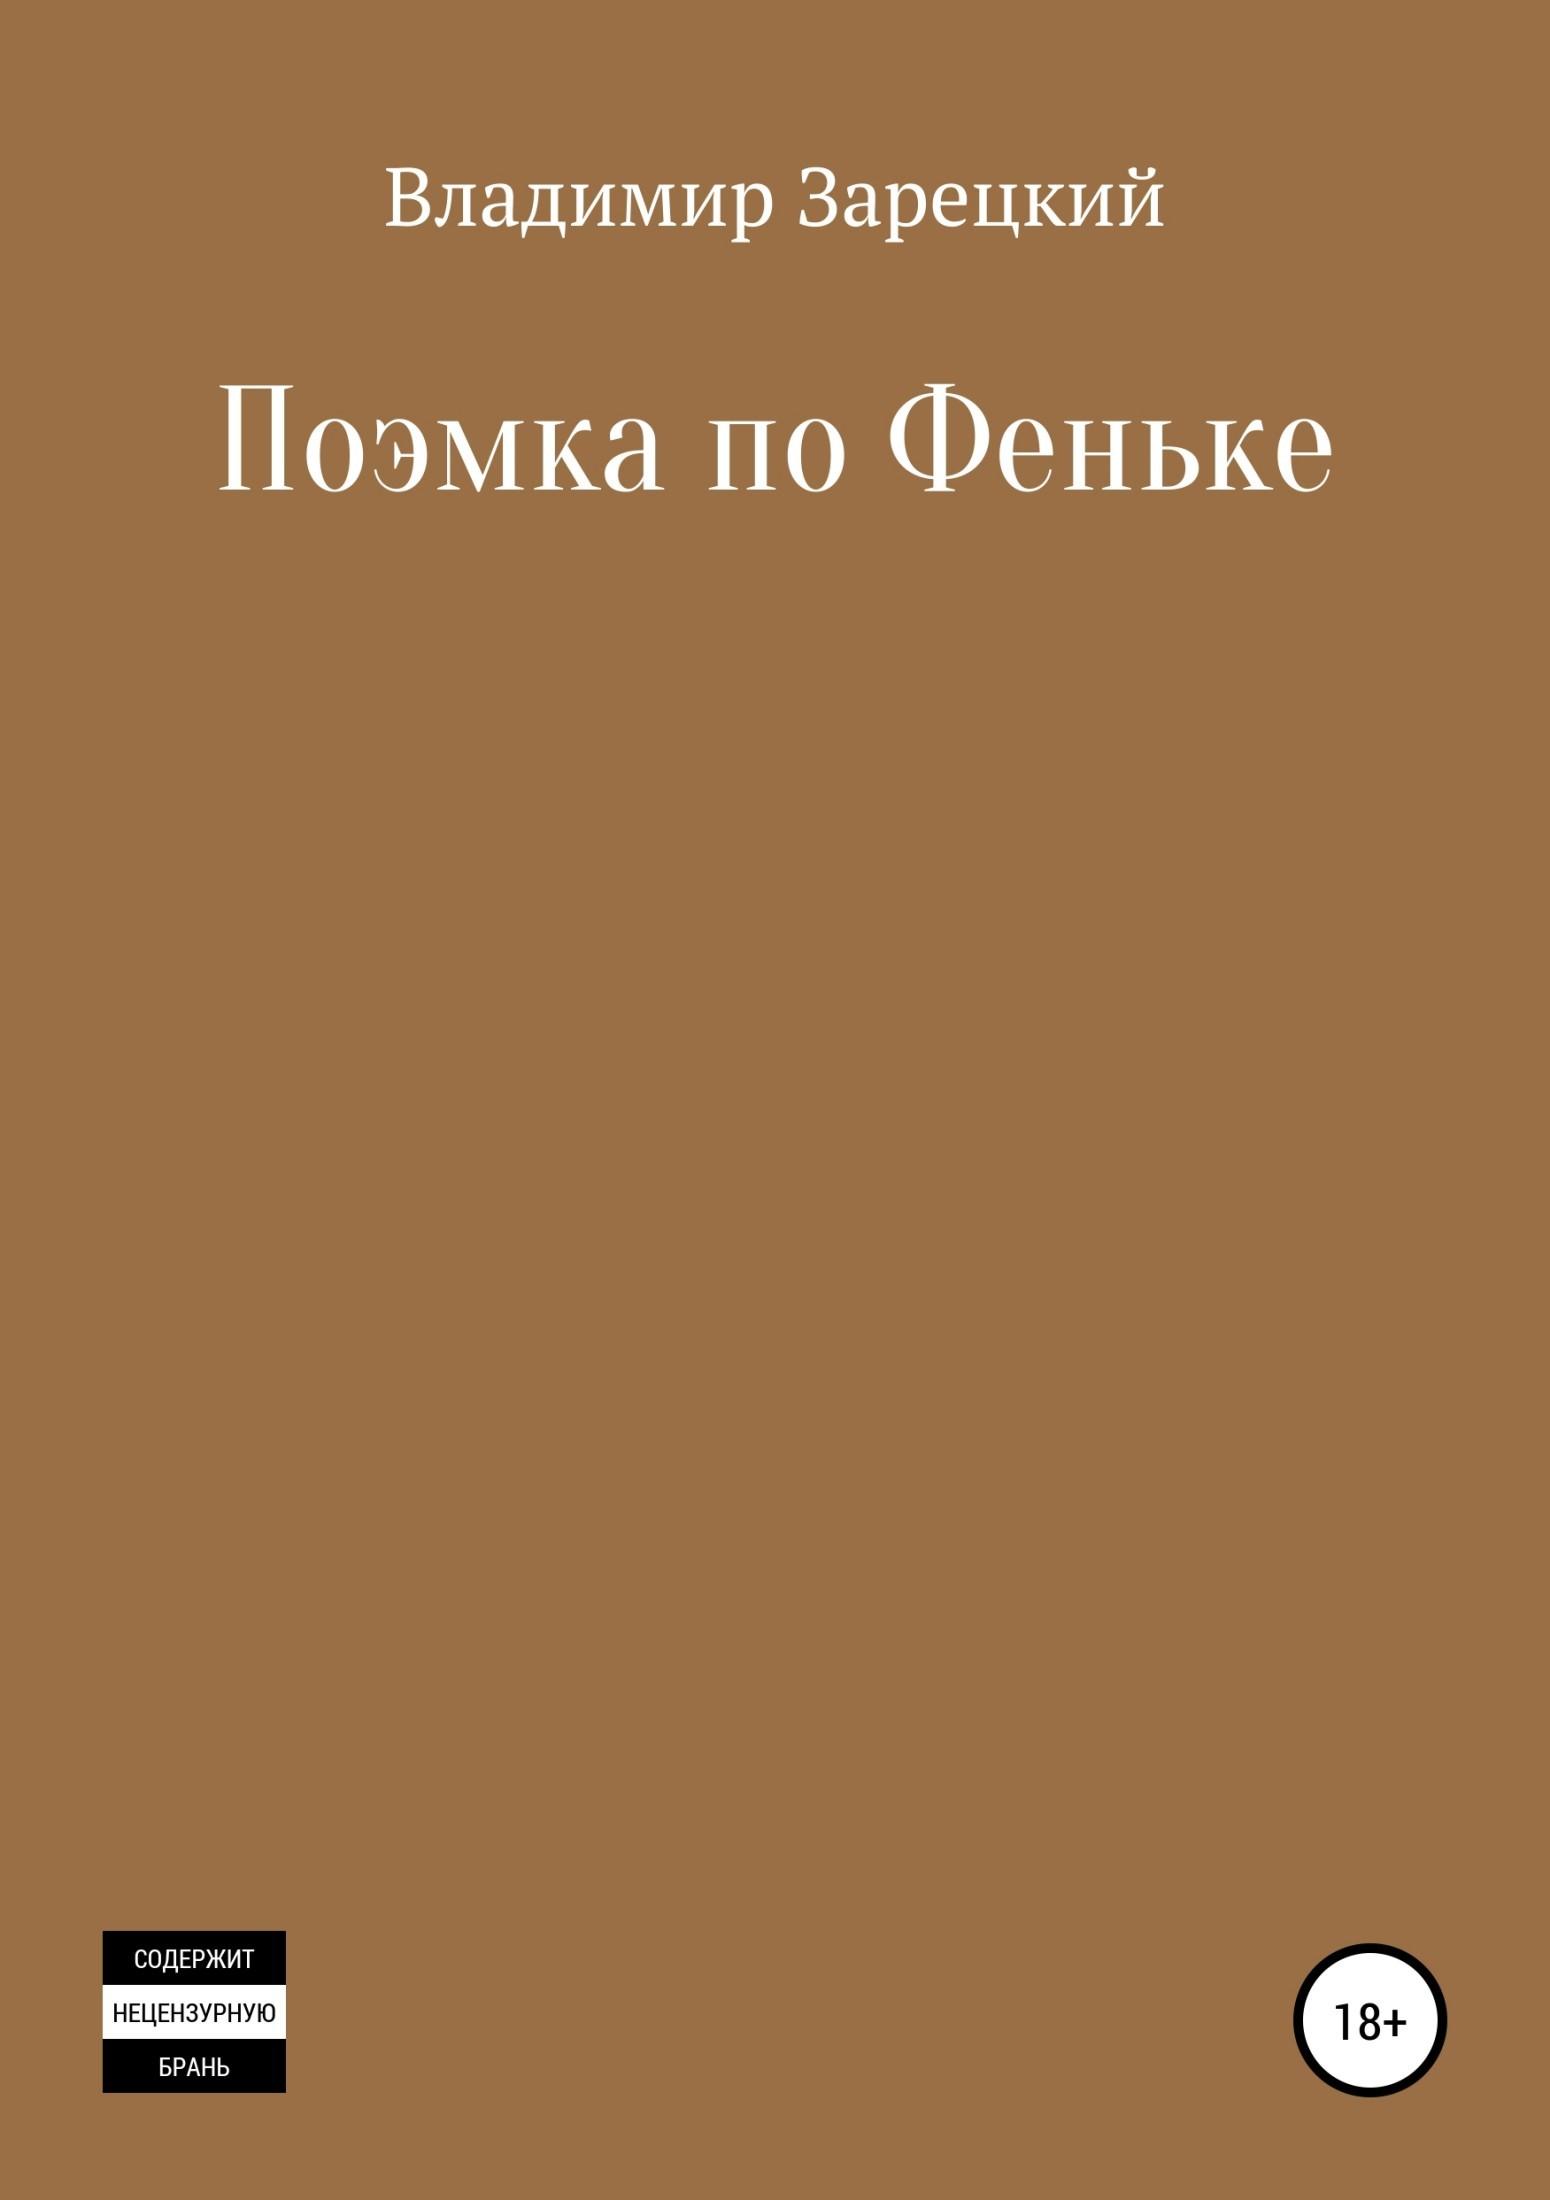 Поэмка